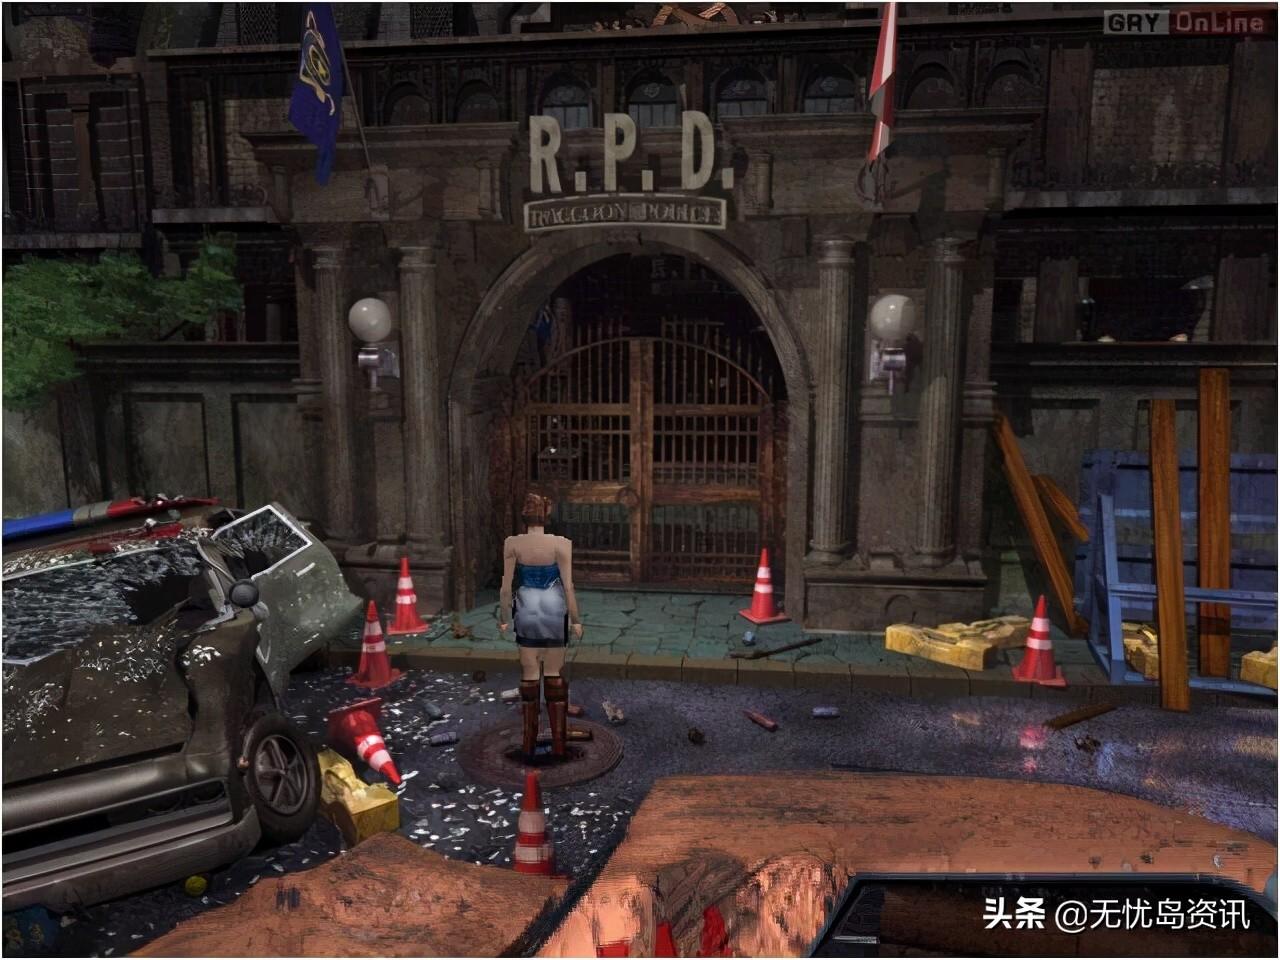 索尼PS5国行版来了,资深玩家与你聊聊索尼游戏主机的那点事 游戏资讯 第3张